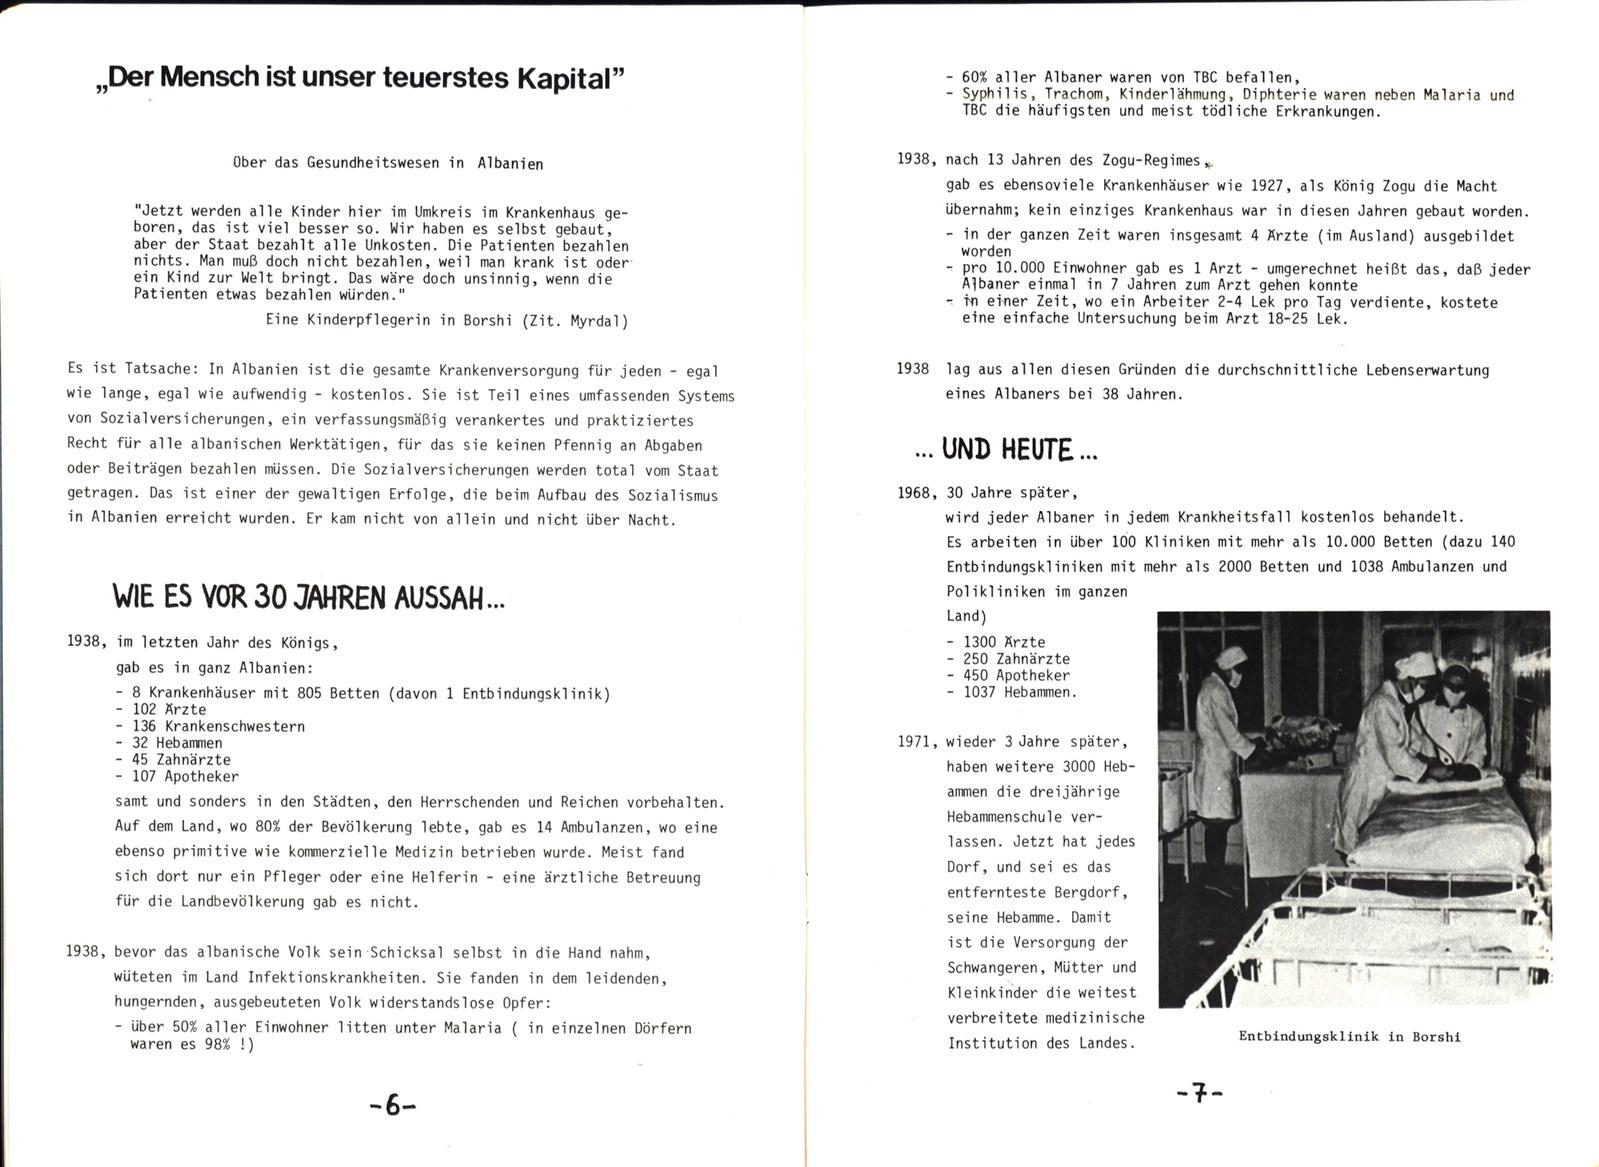 GFA_Albanische_Hefte_1973_02_05